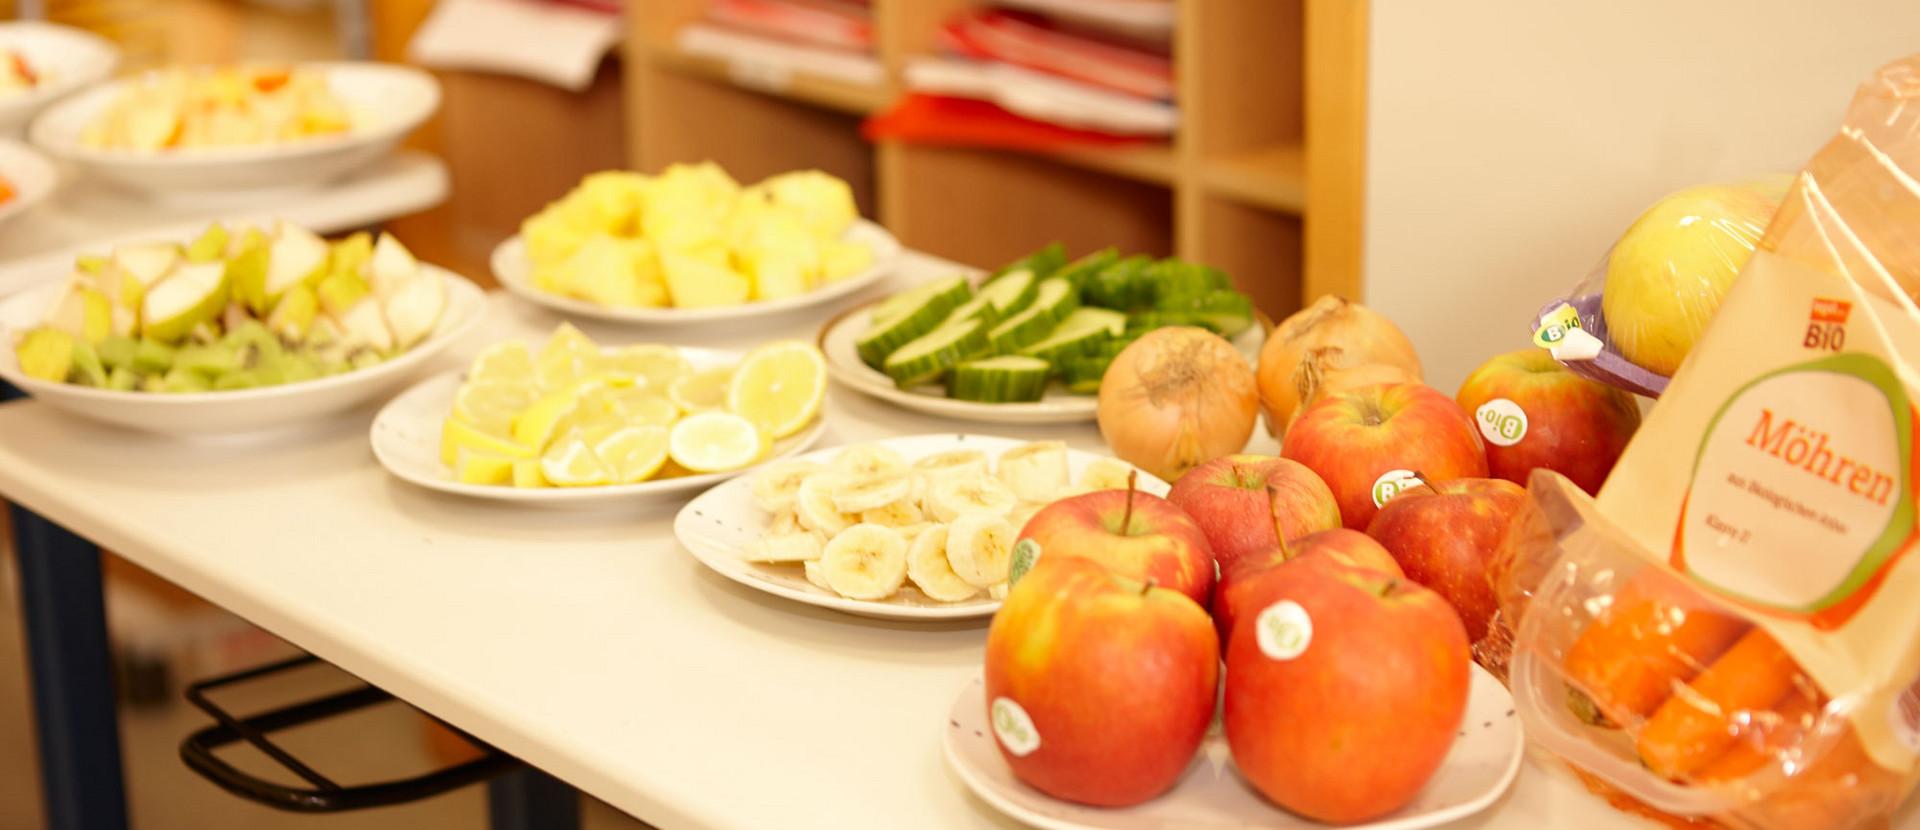 Tisch mit Obst und Gemüse